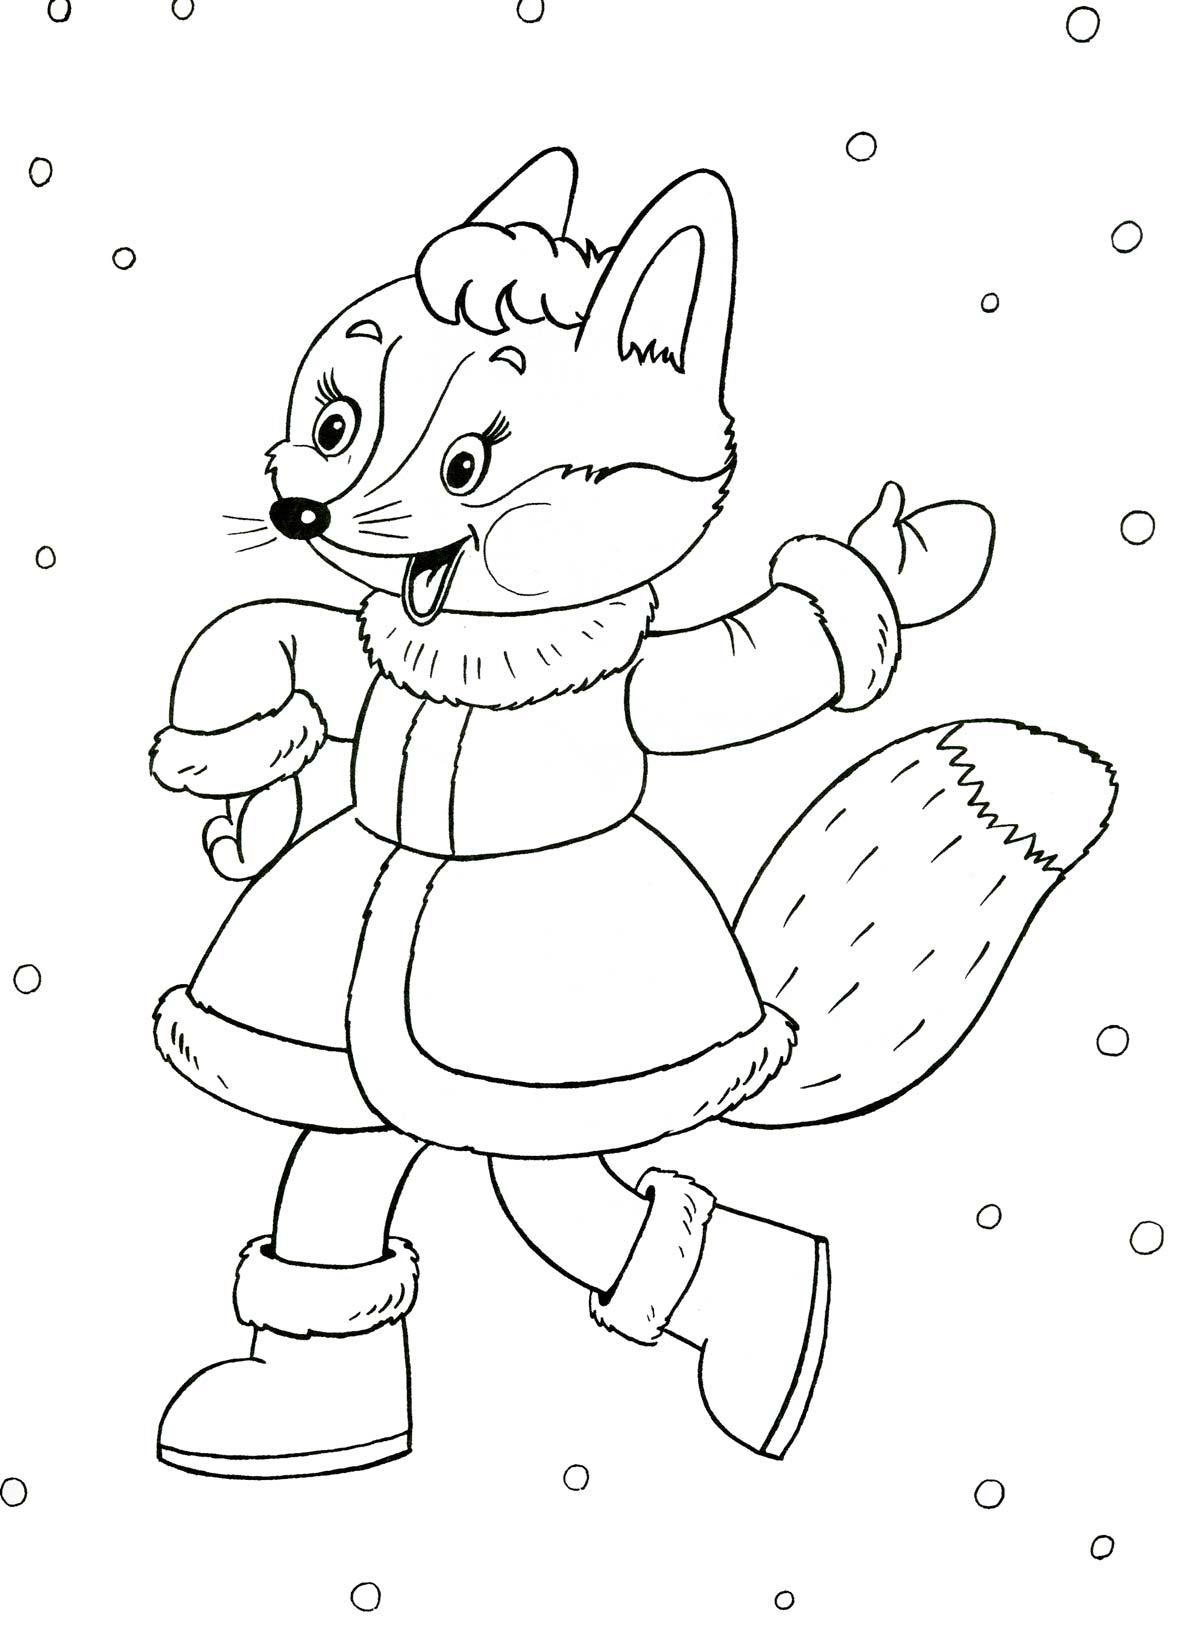 Новый год, танцующая лисичка Зимние рисунки раскраски